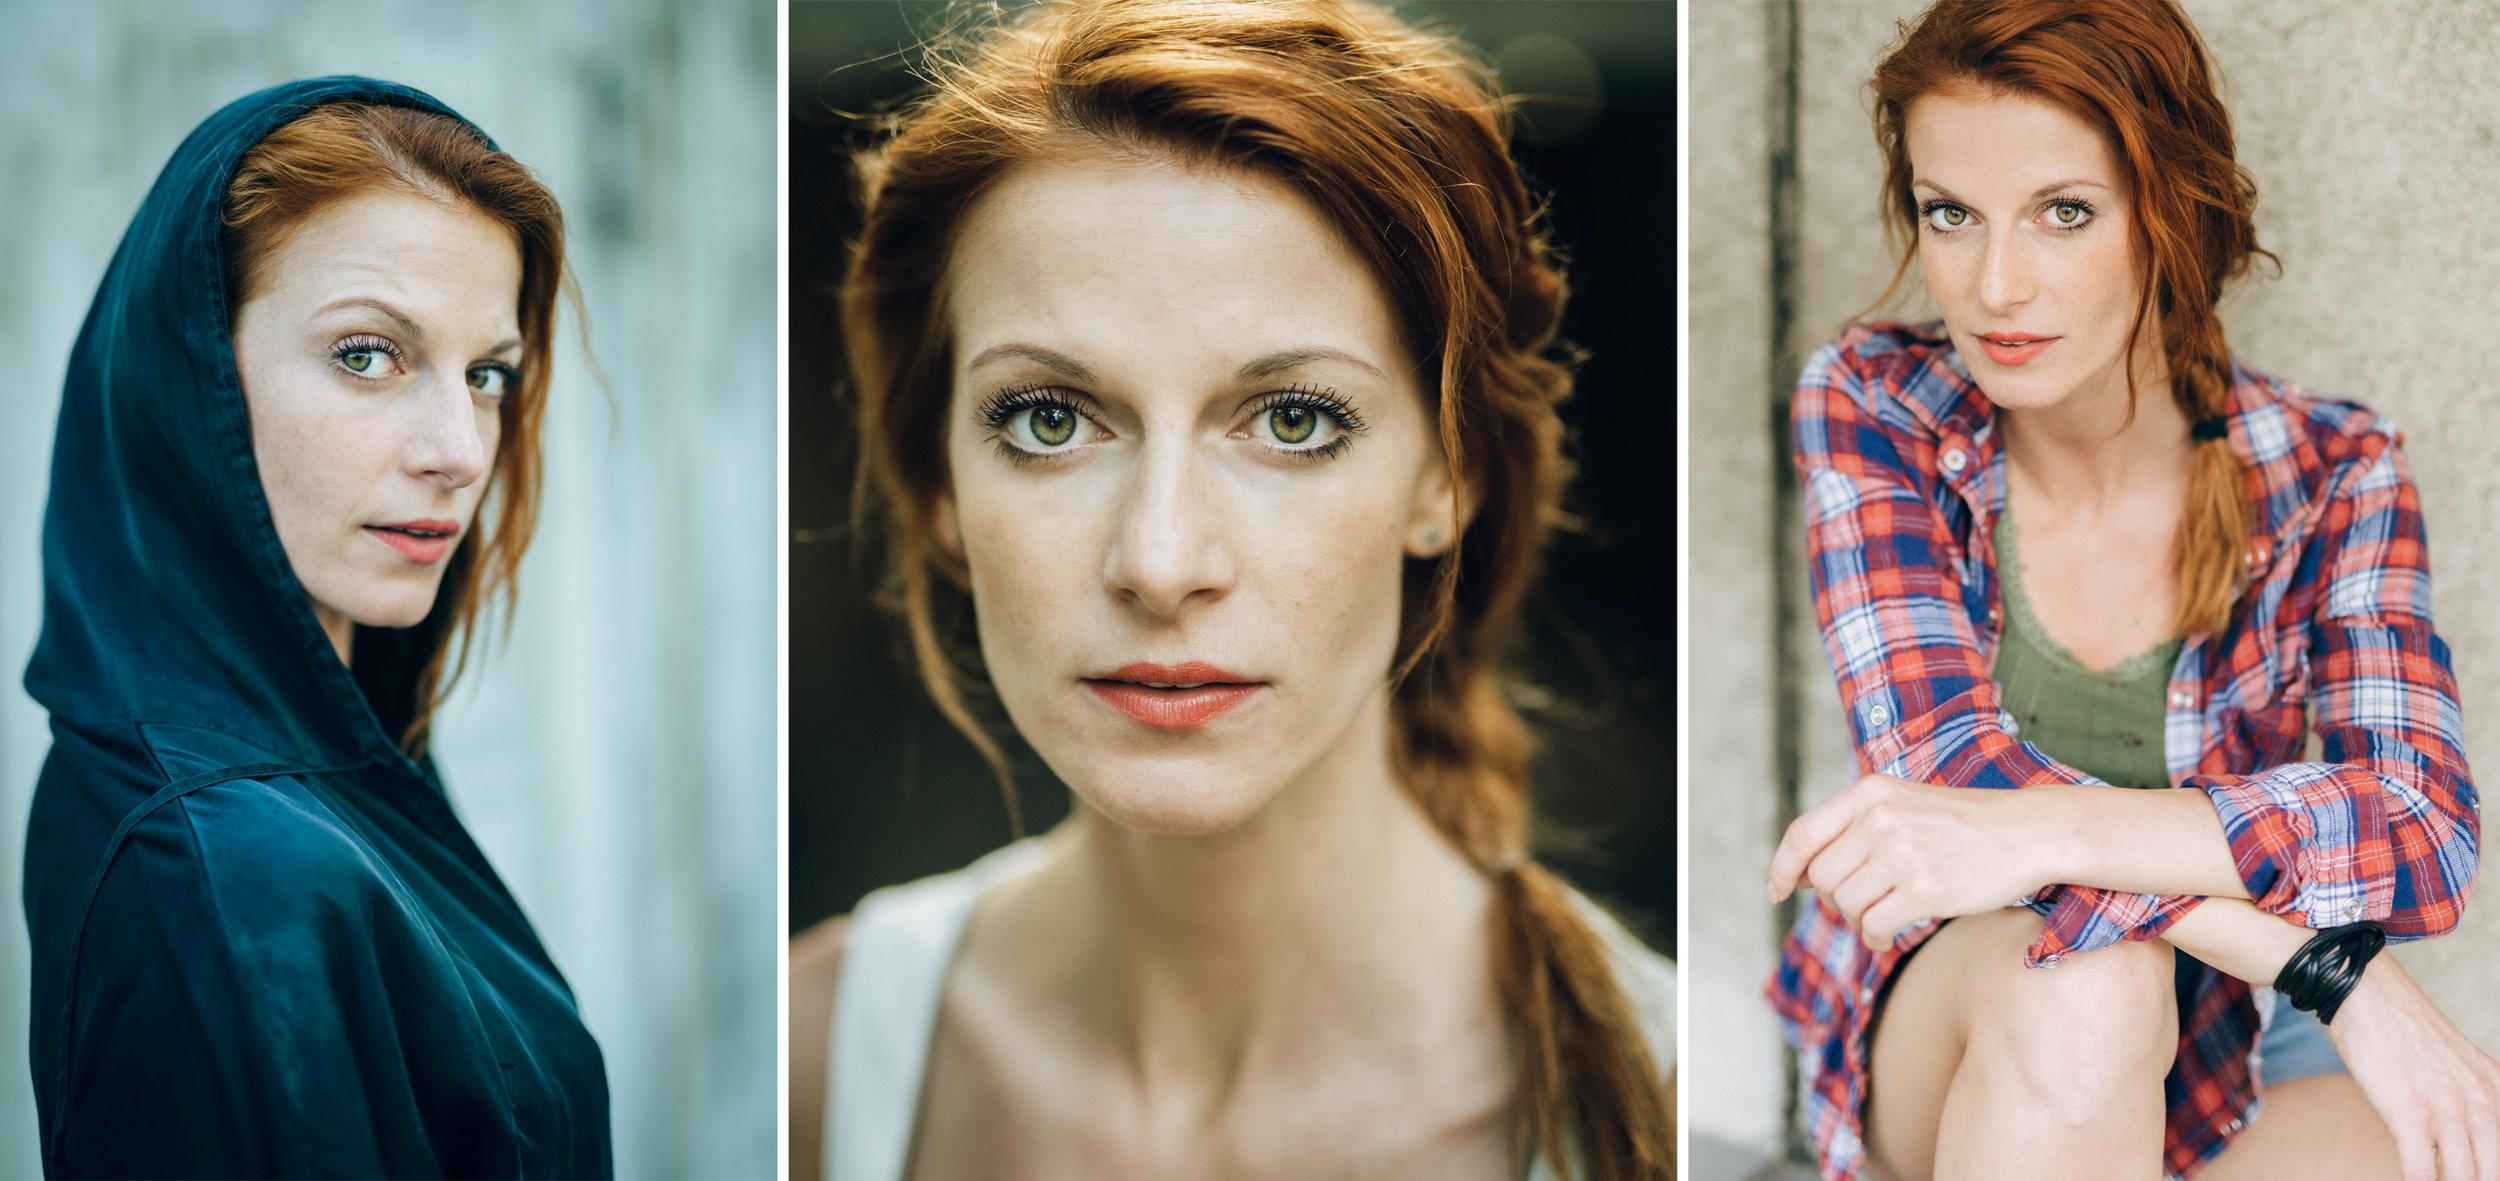 Julia Fechter, singer & actress